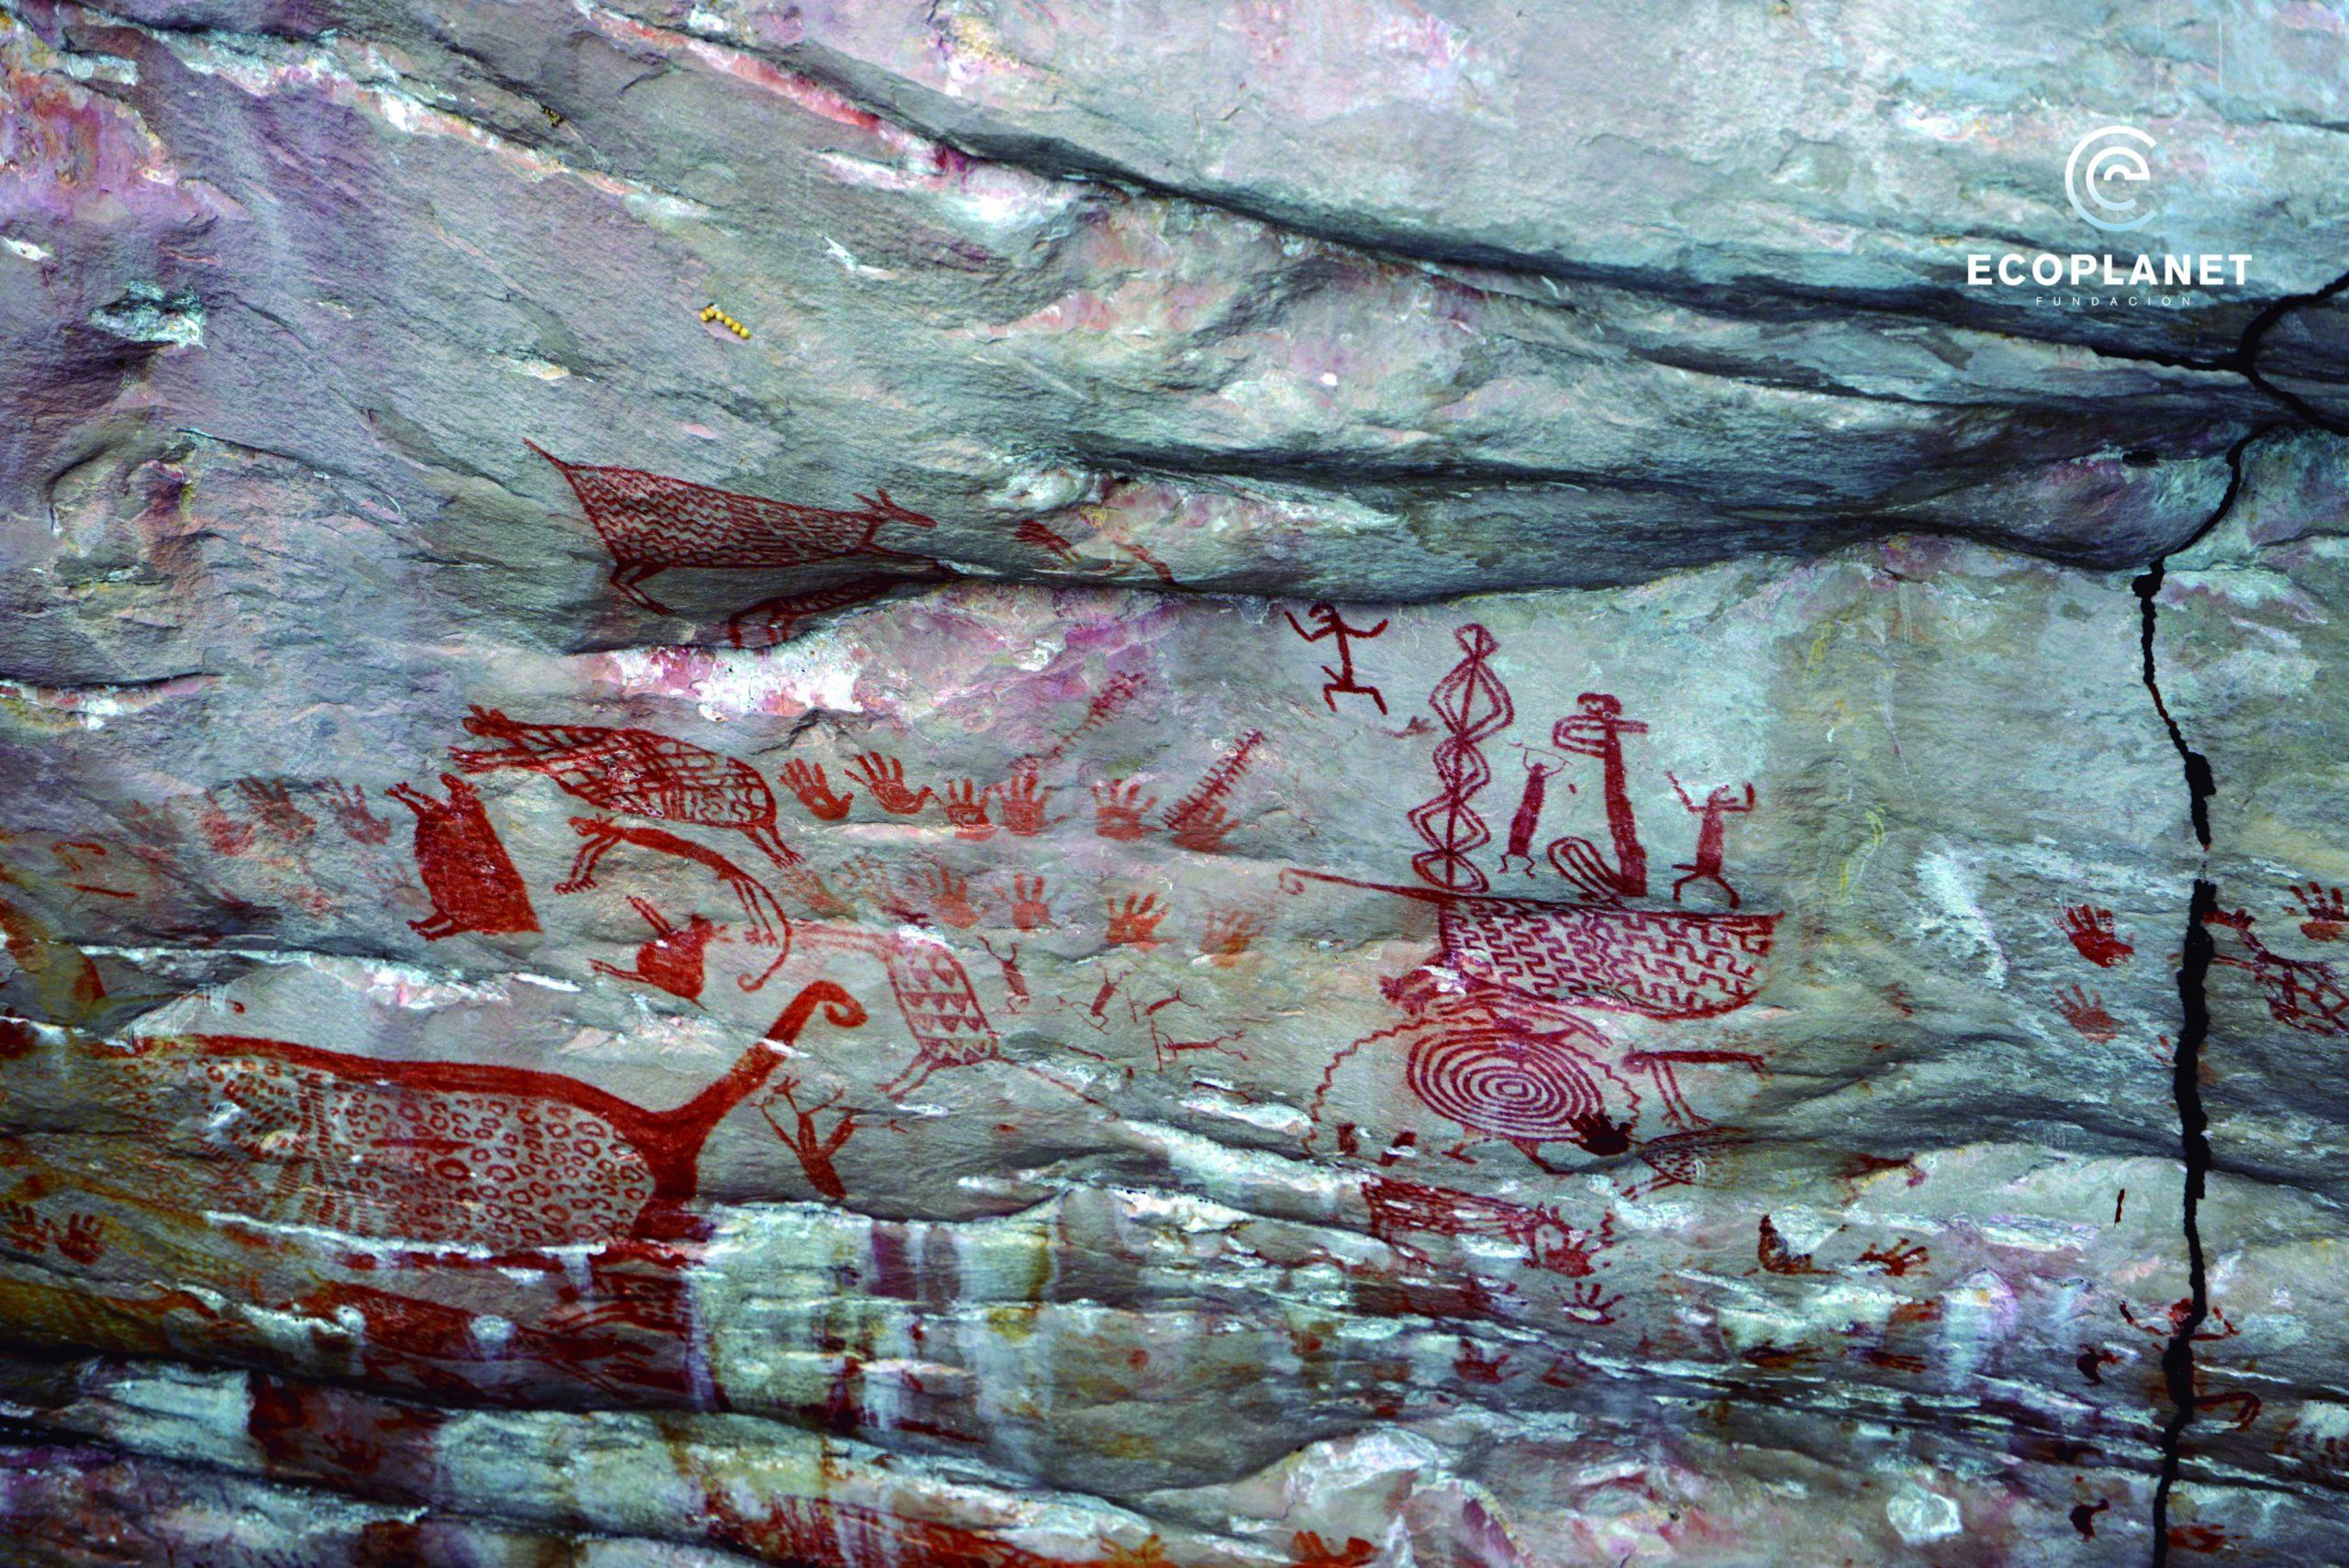 Nova descoberta na Amazônia Colombiana